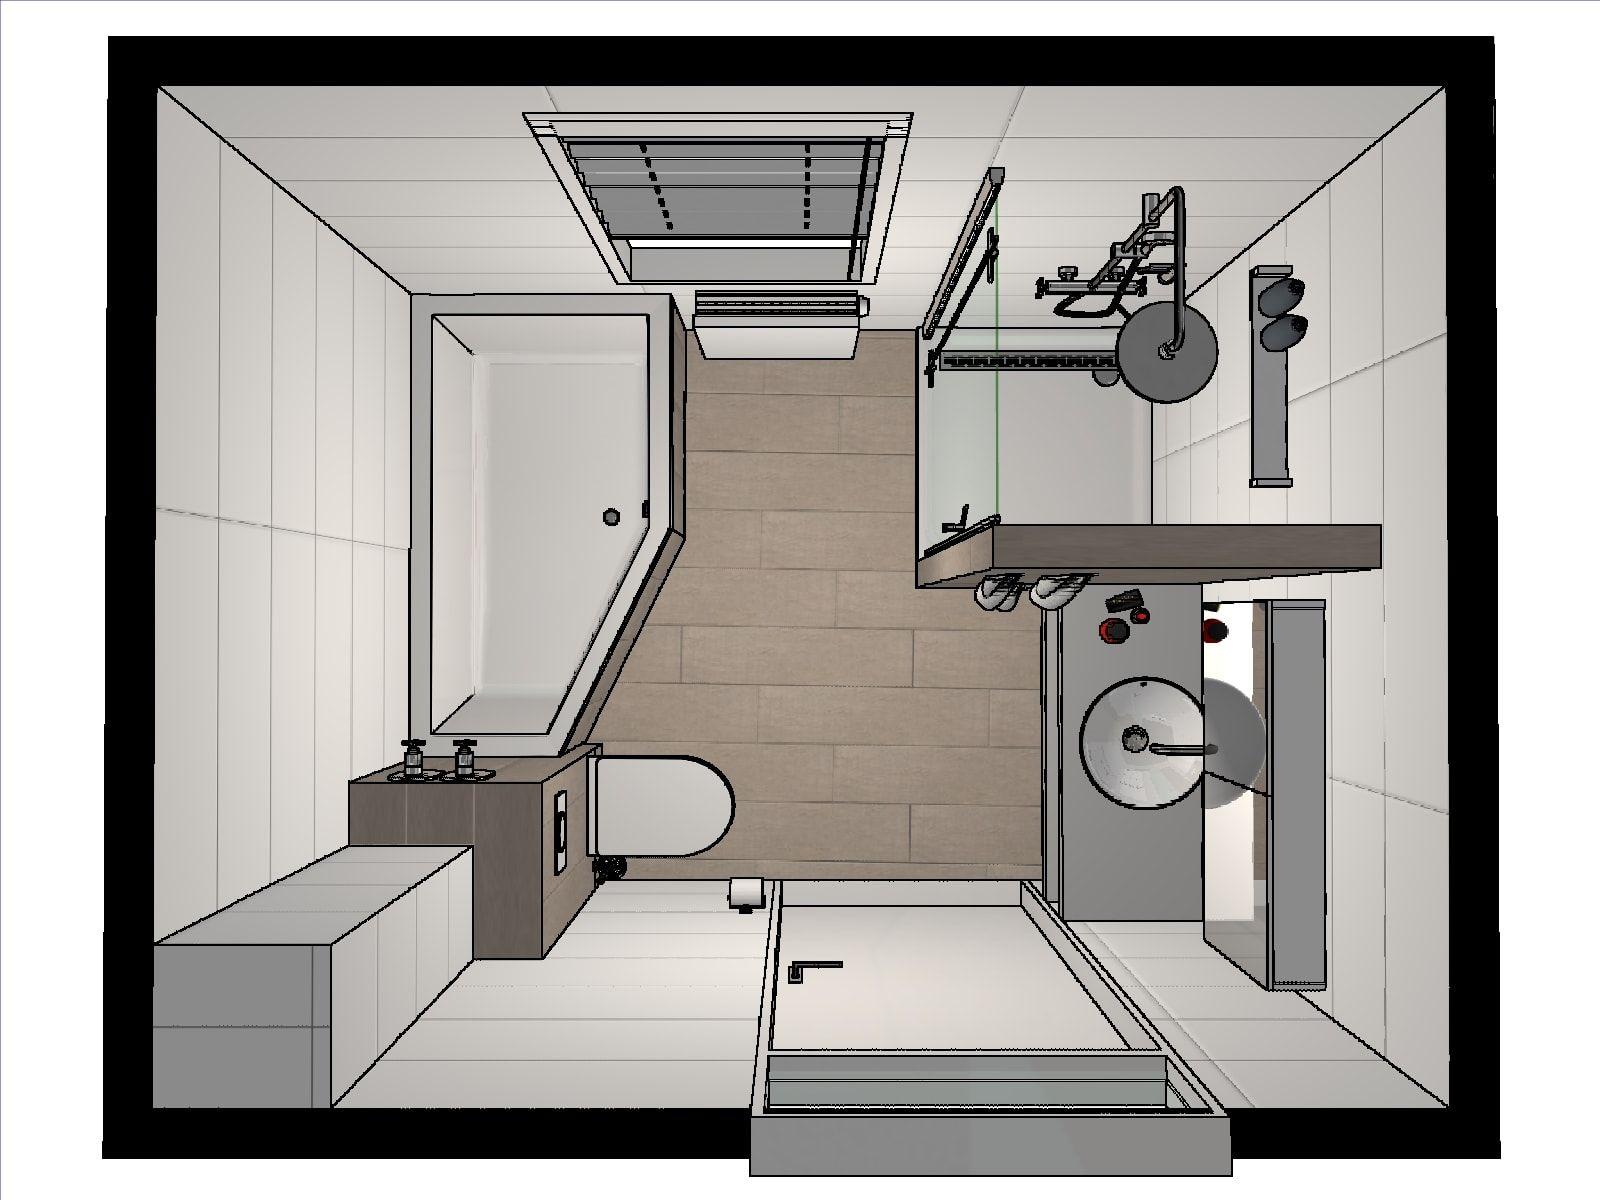 Badezimmer design ideen klein idee voor de indeling van een kleine badkamer door onze jarenlange